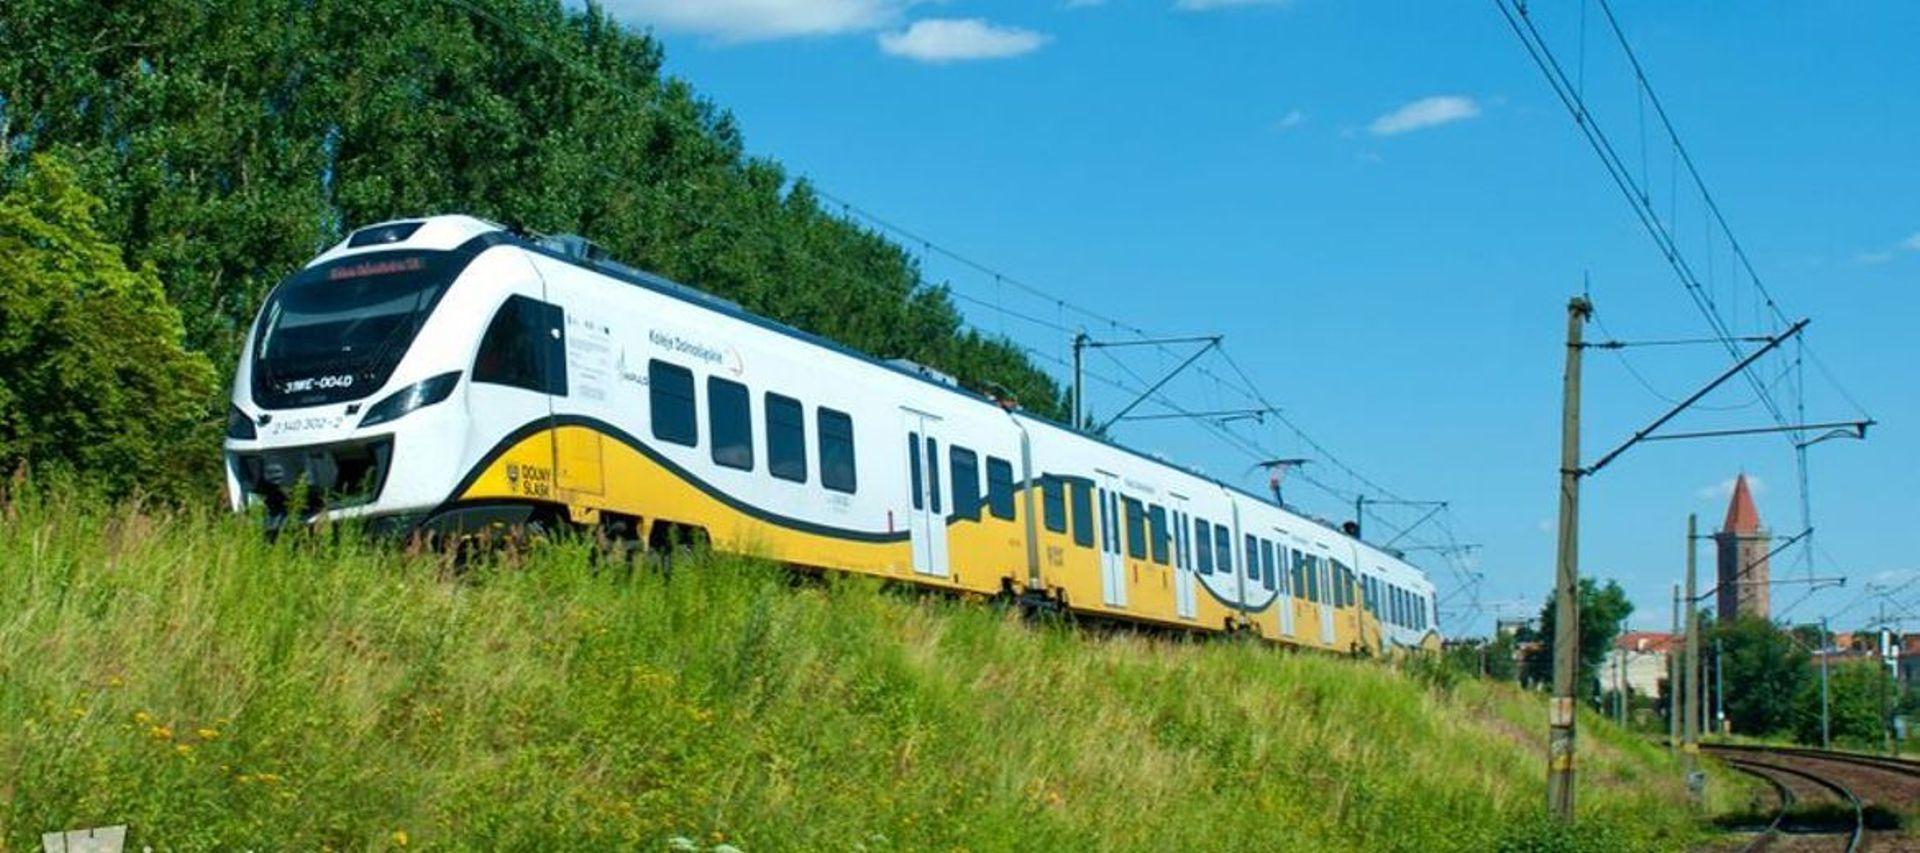 Dolny Śląsk: Remont fragmentu linii kolejowej z Wrocławia do Jedliny-Zdrój droższy jednak o ponad 20 mln zł